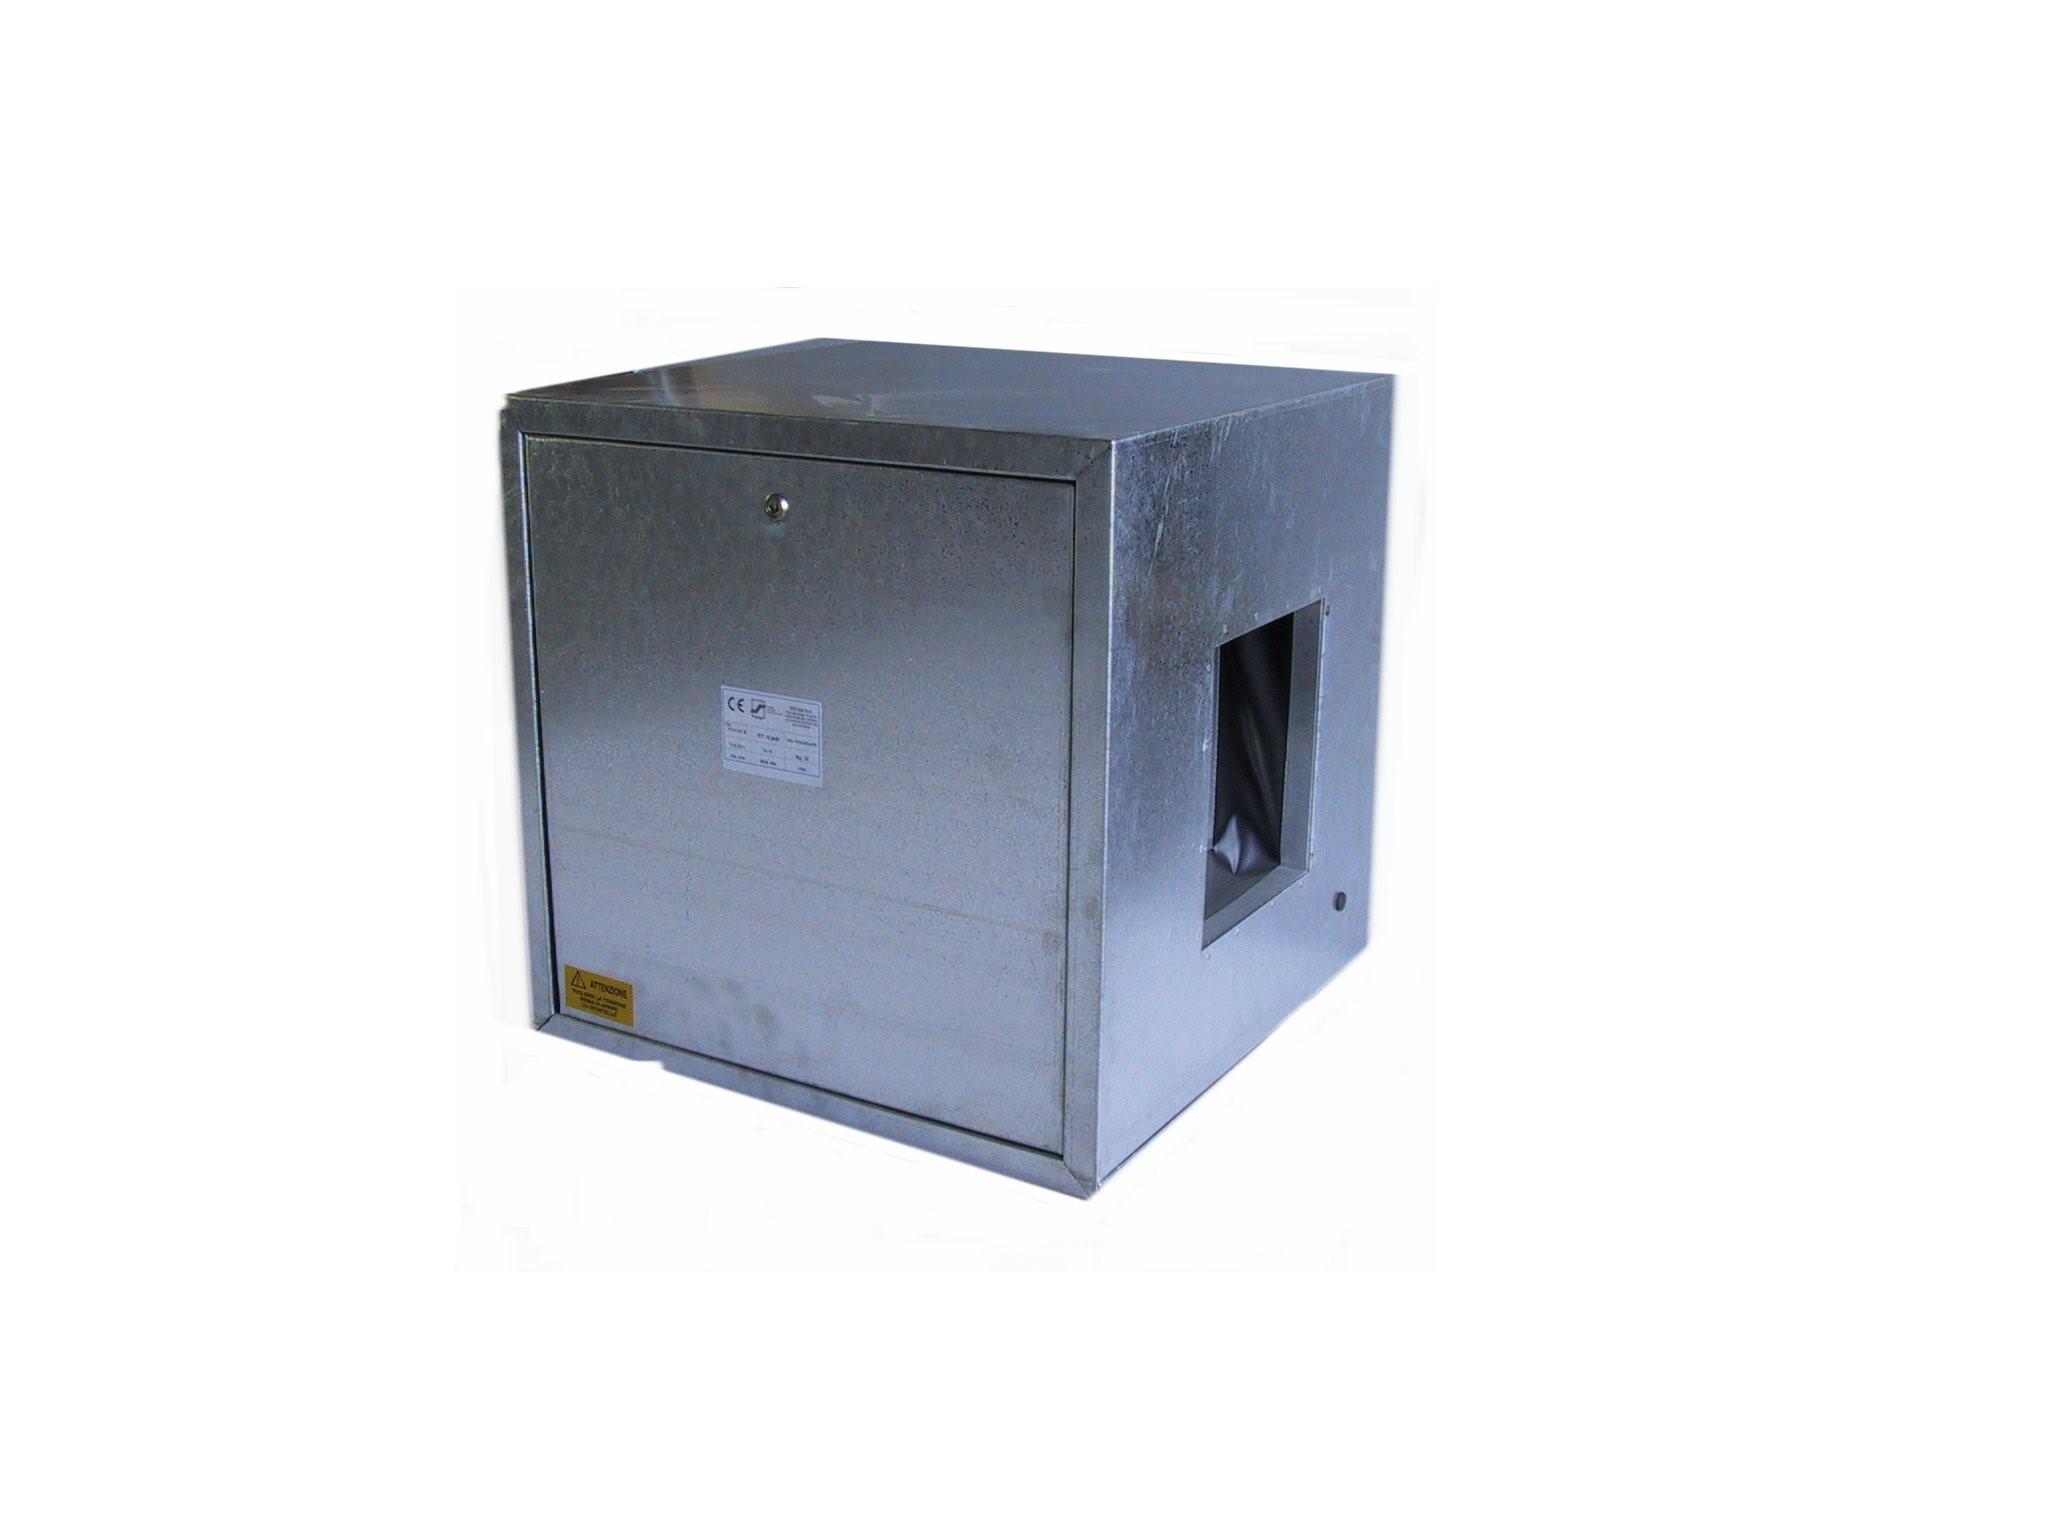 Ventilatore cassonato a semplice aspirazione con motore direttamente accoppiato 0,55 Kw 380 V grandezza 251